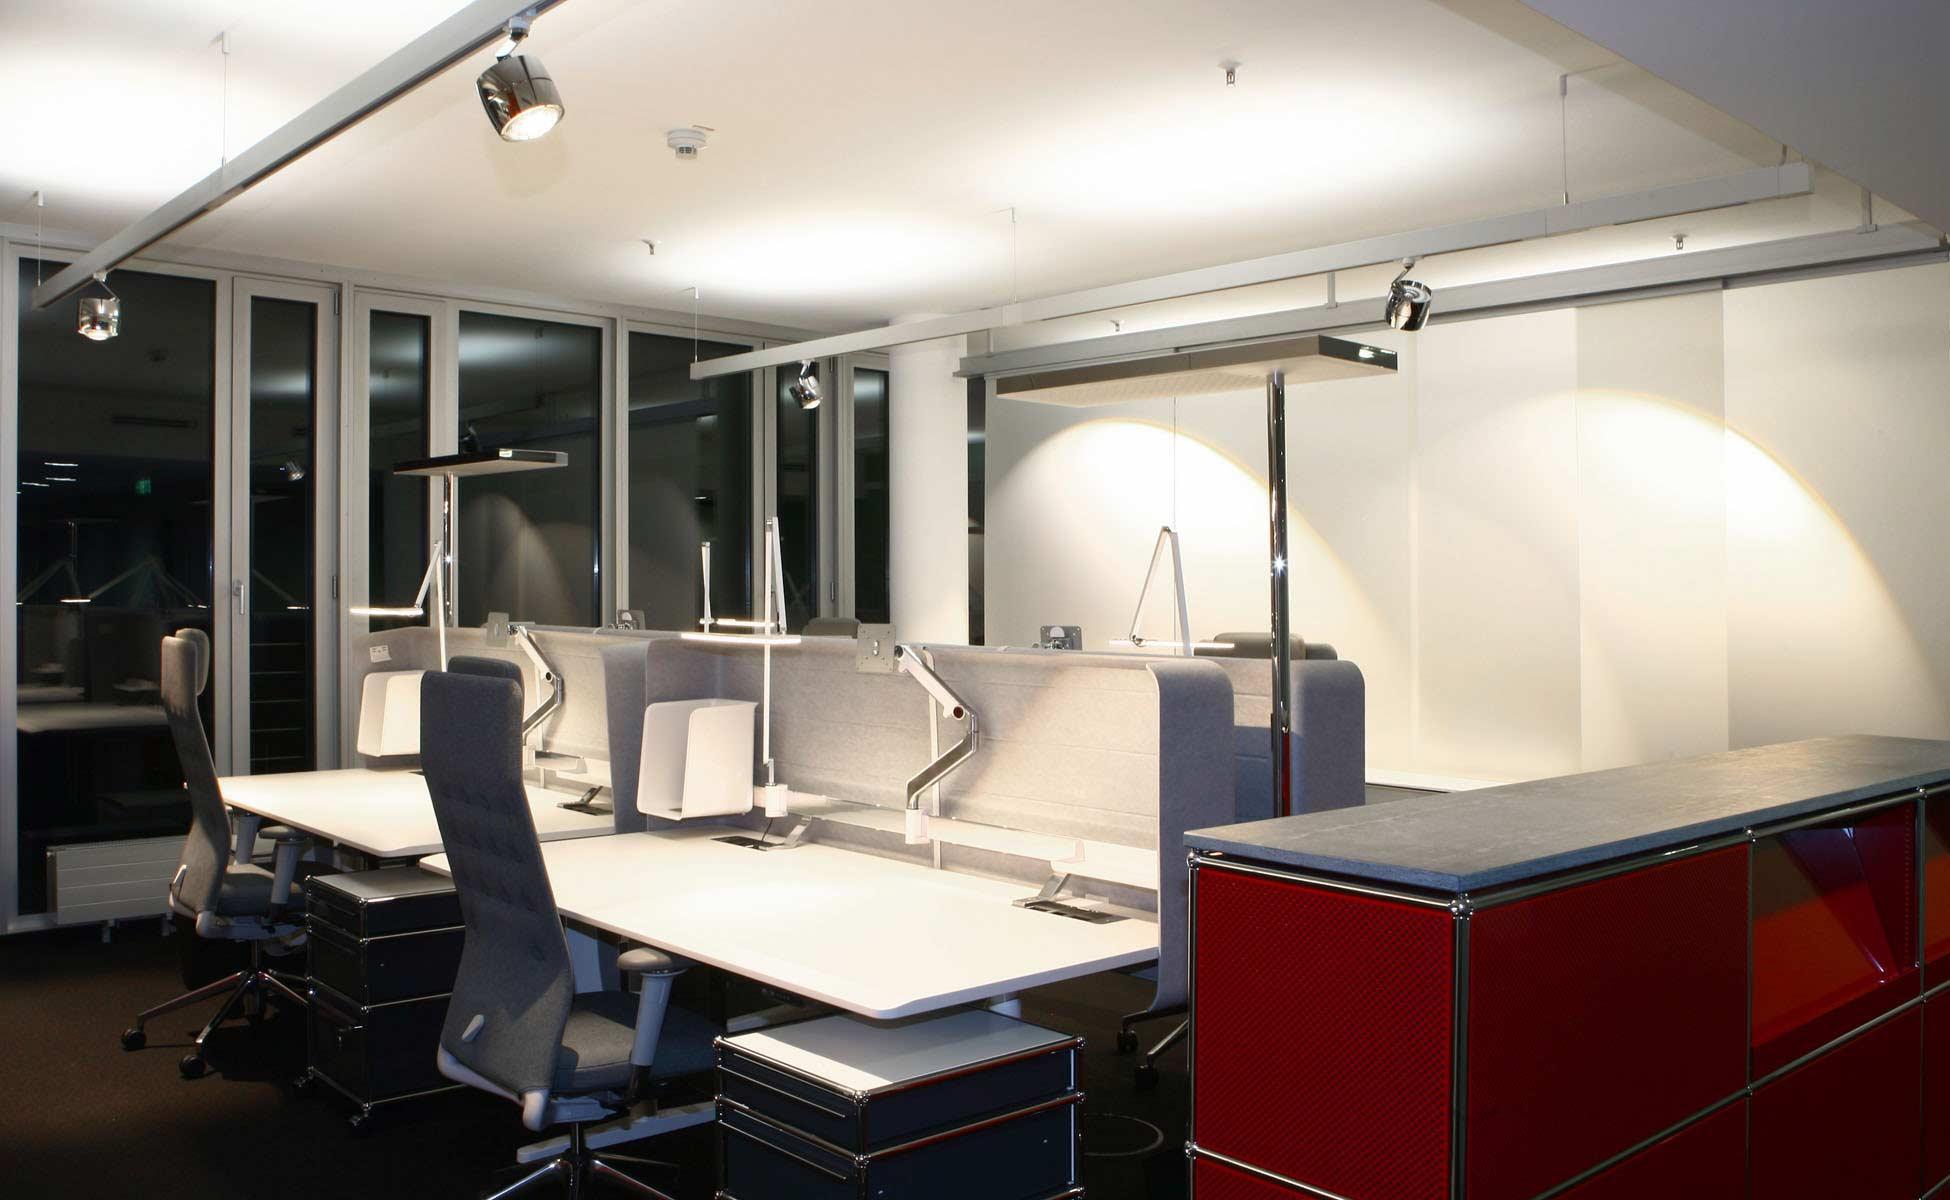 10 vitra tyde arbeitsplatz - büro- und objekteinrichtung von steidten+ berlin